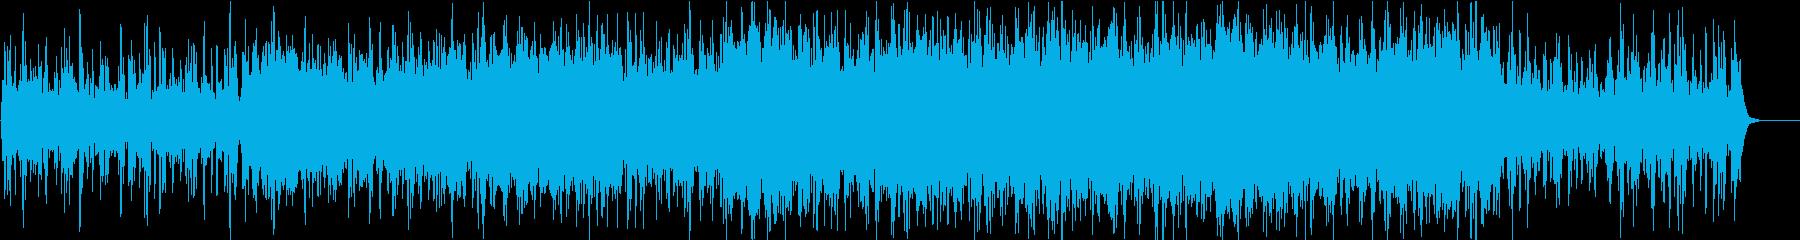 優雅で複雑なクラシカルの再生済みの波形